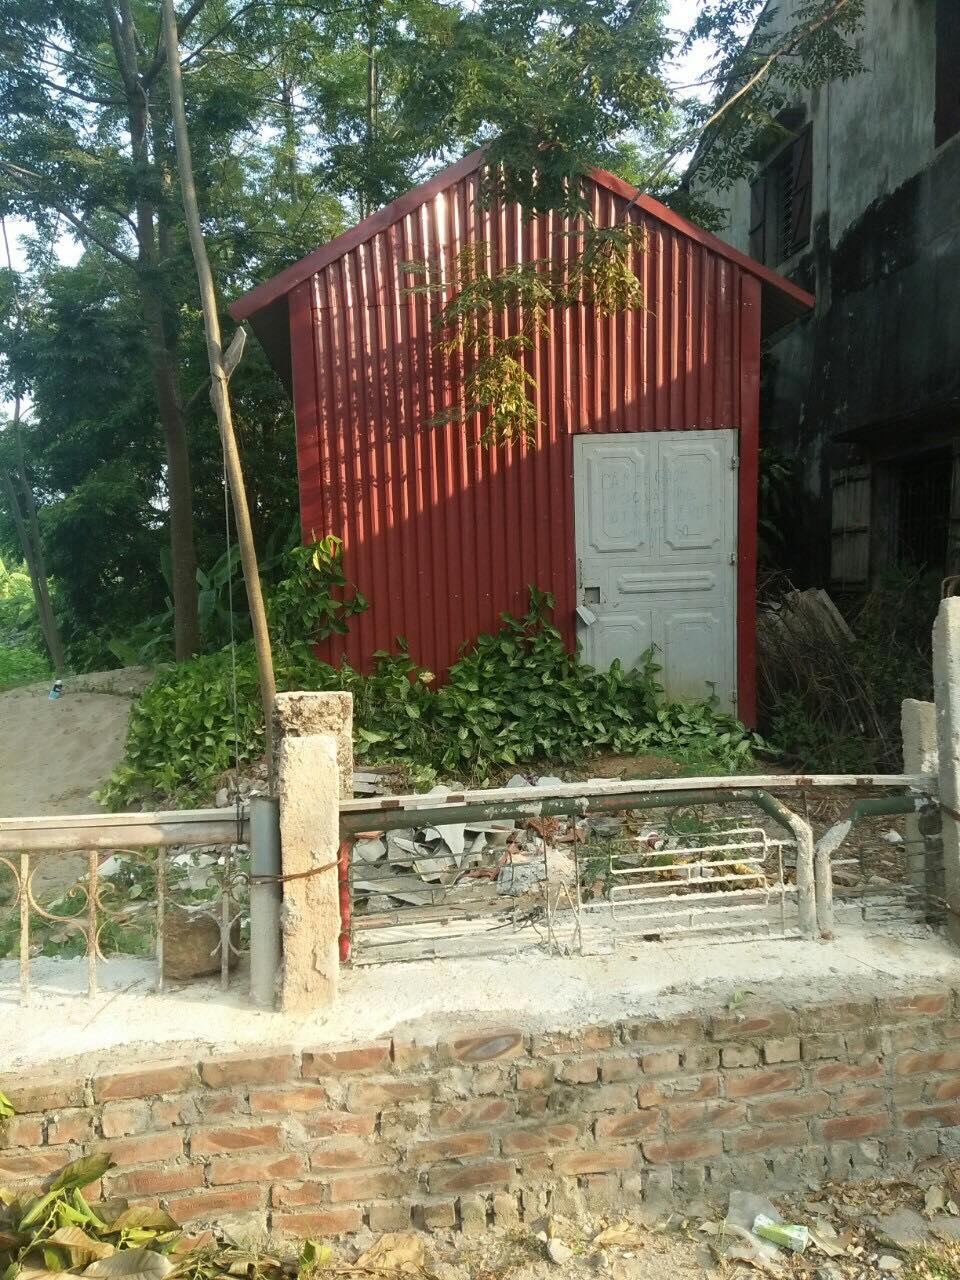 Sơn Tây - Hà Nội: Cần làm rõ việc cán bộ thôn cản trở người dân xây dựng nhà - ảnh 1